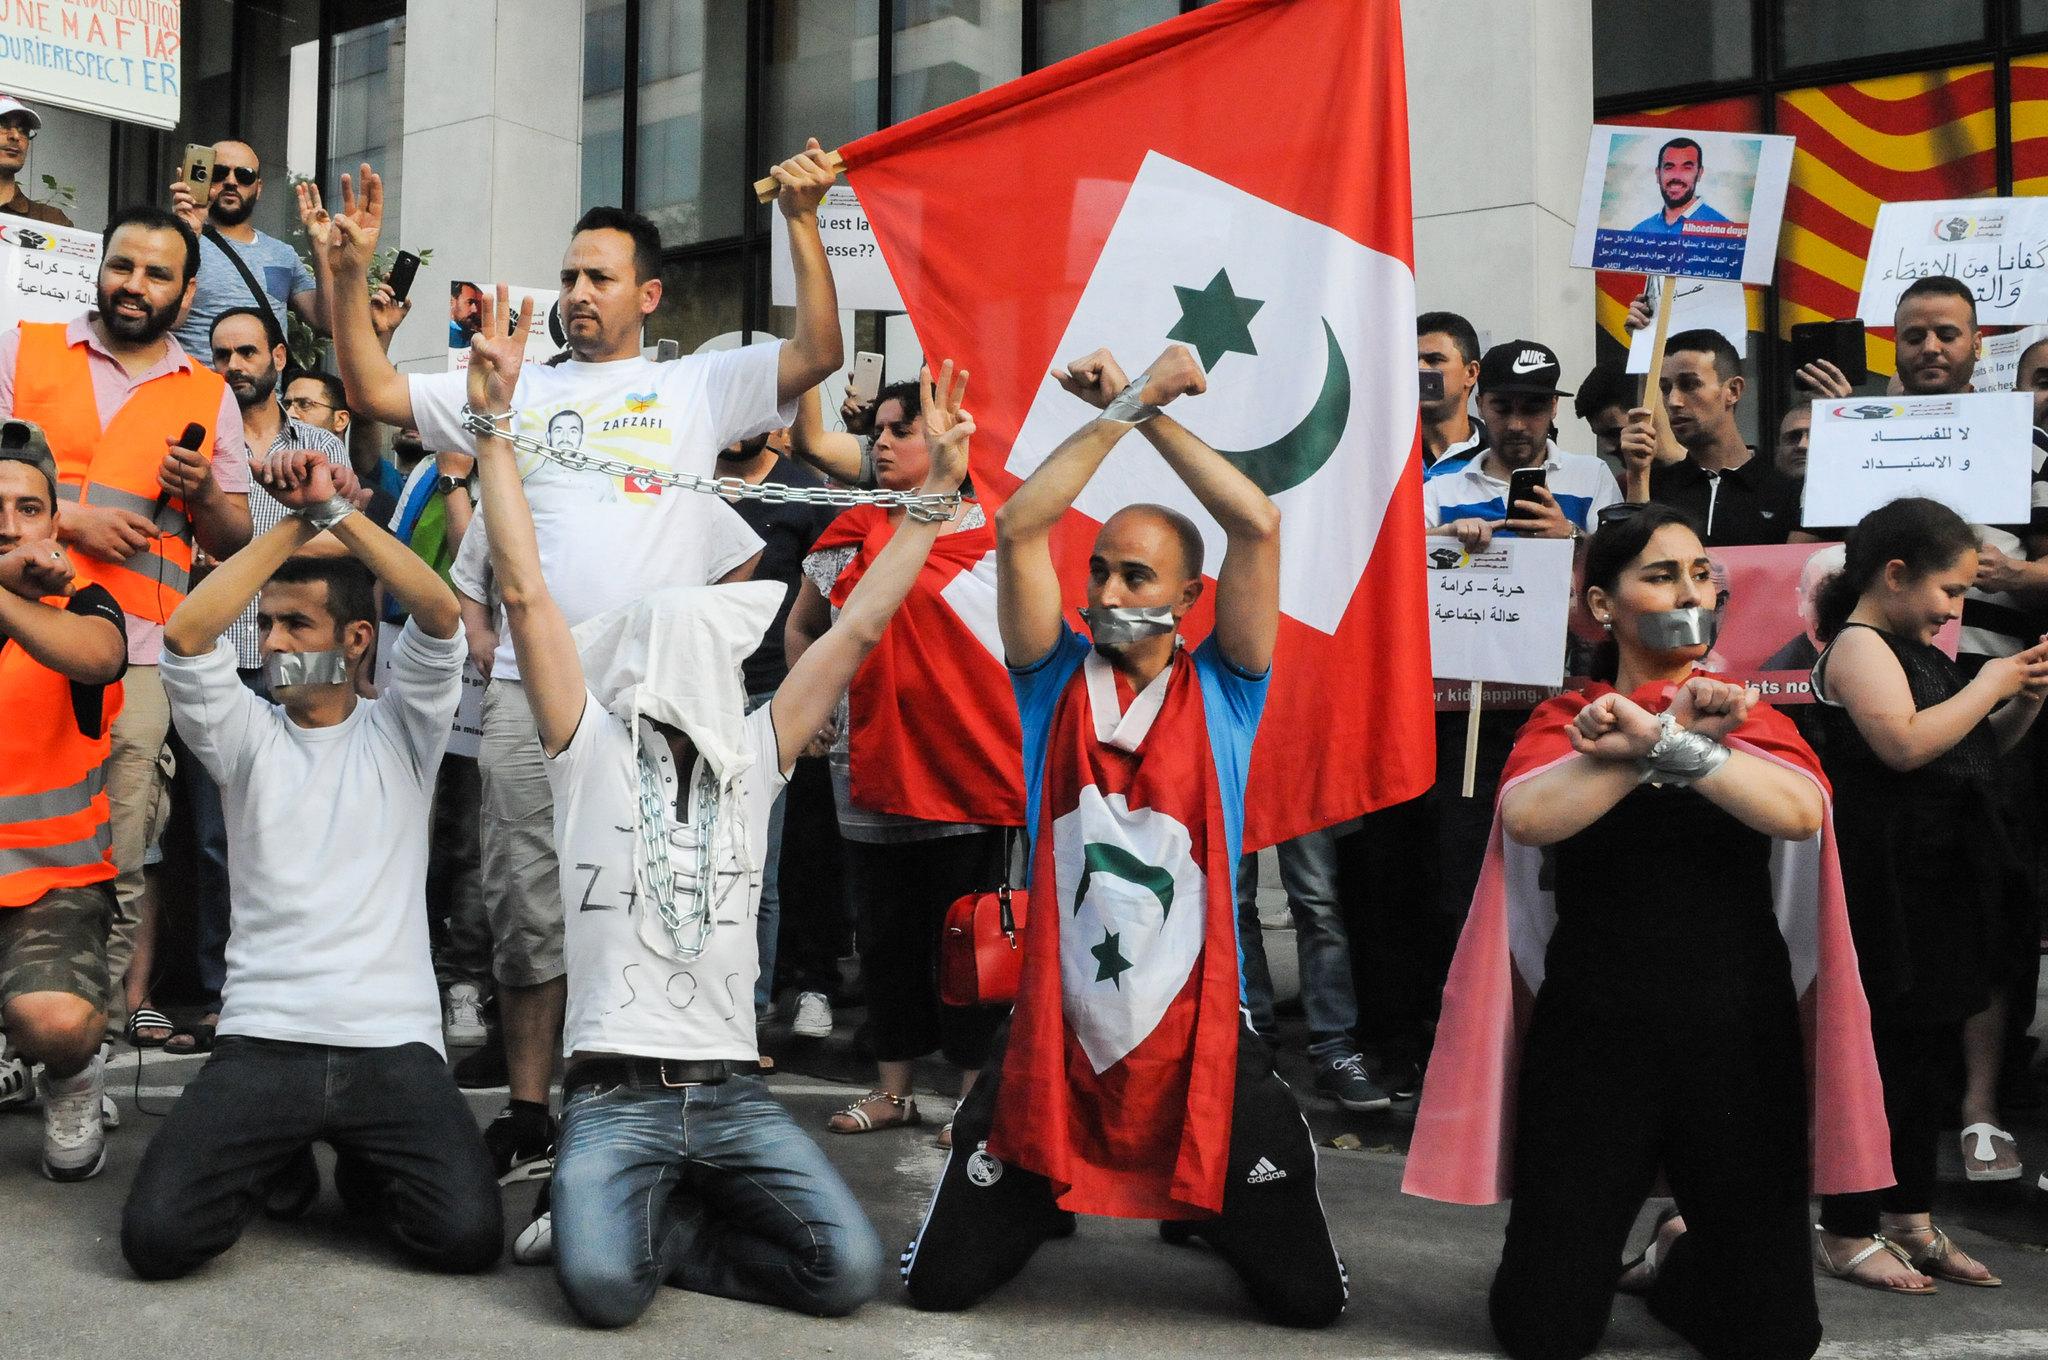 """إسبانيا تمنع استخدام أعلام """"جمهورية الريف"""" و""""البوليزاريو"""" في الأماكن العمومية"""